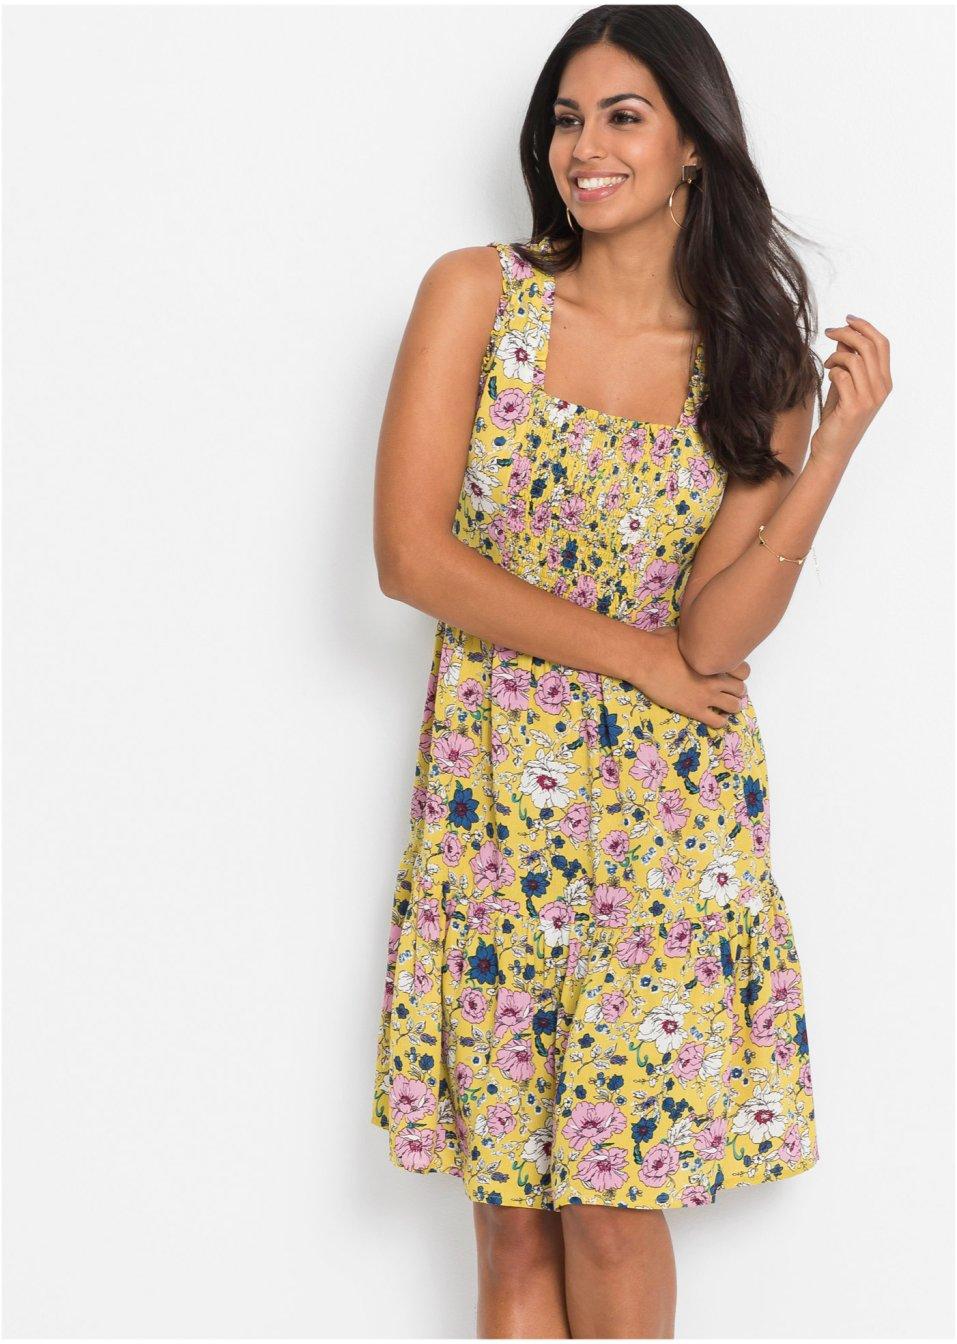 Alinjeformad jerseyklänning vaniljgul blommig bpc bonprix